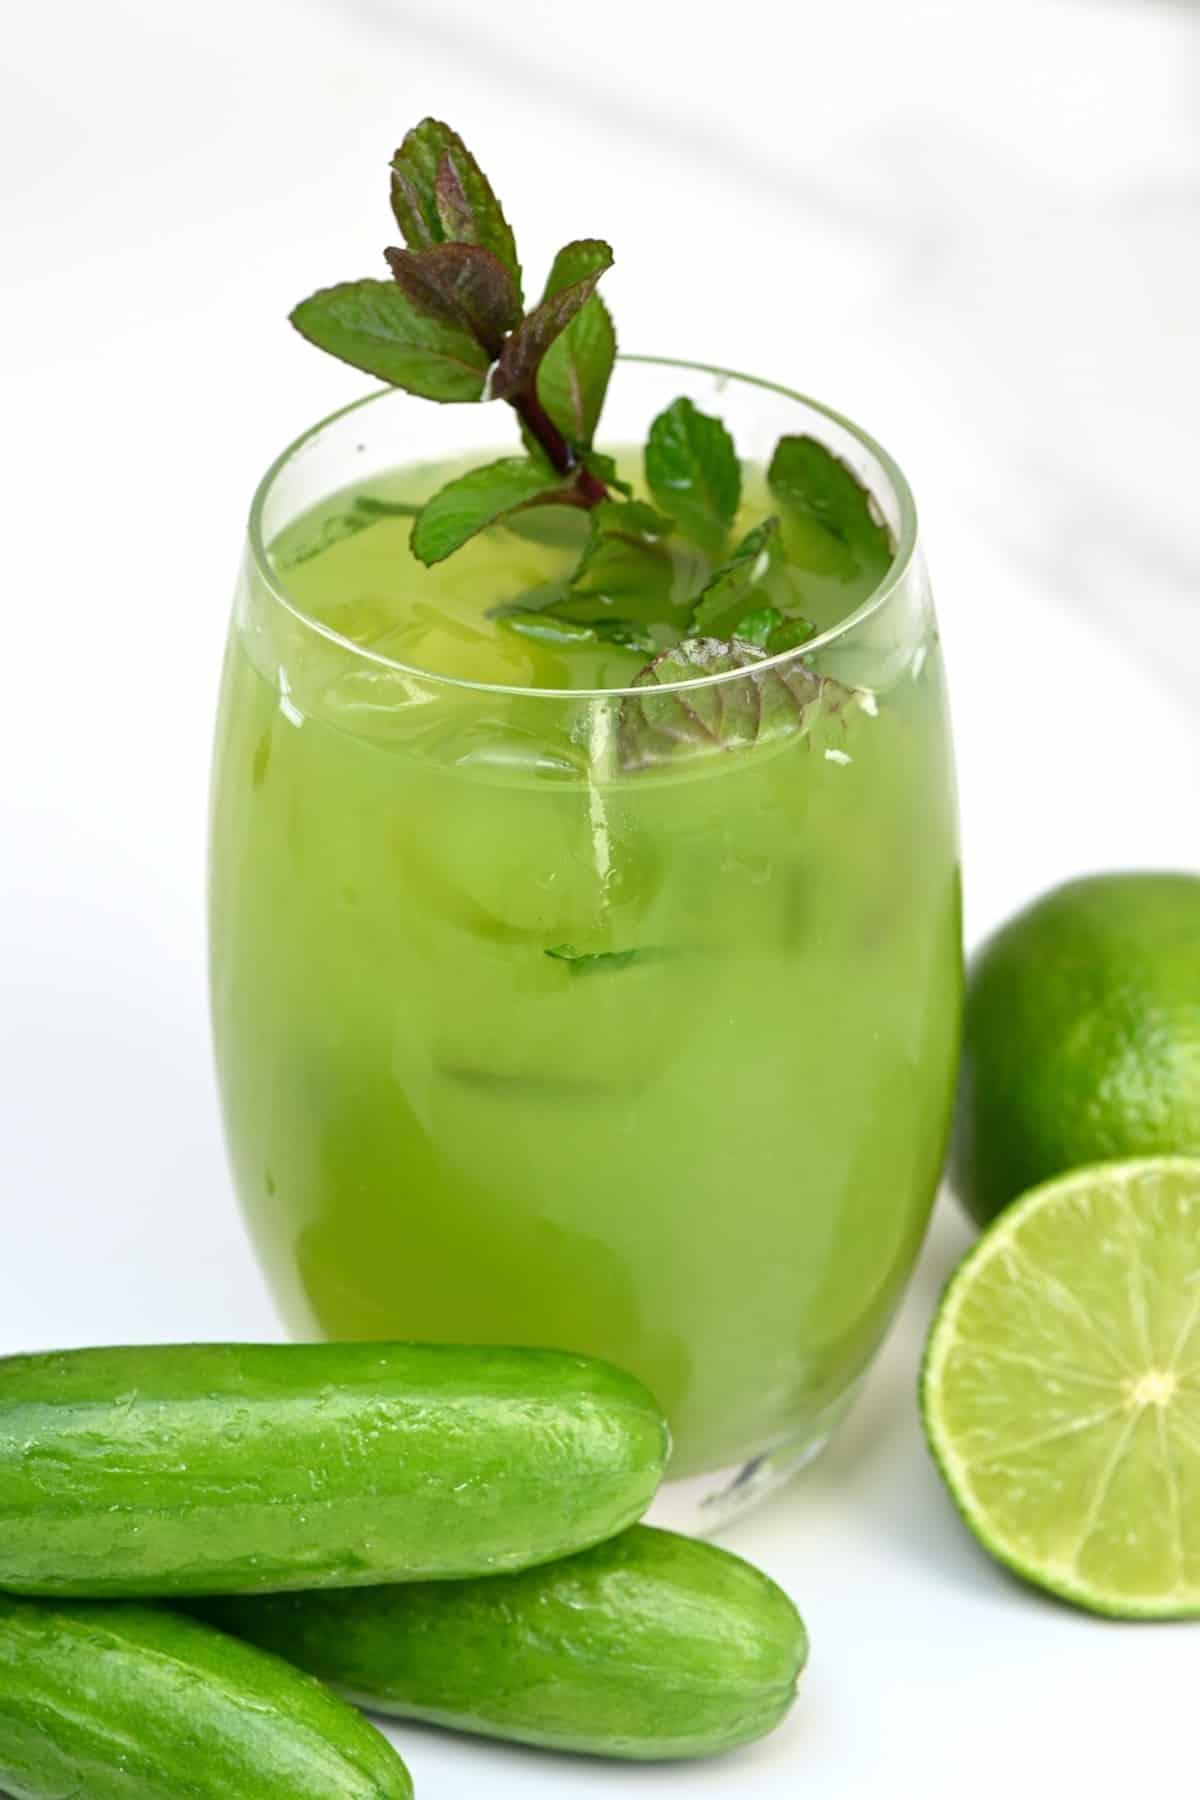 Cucumber lemonade in a glass